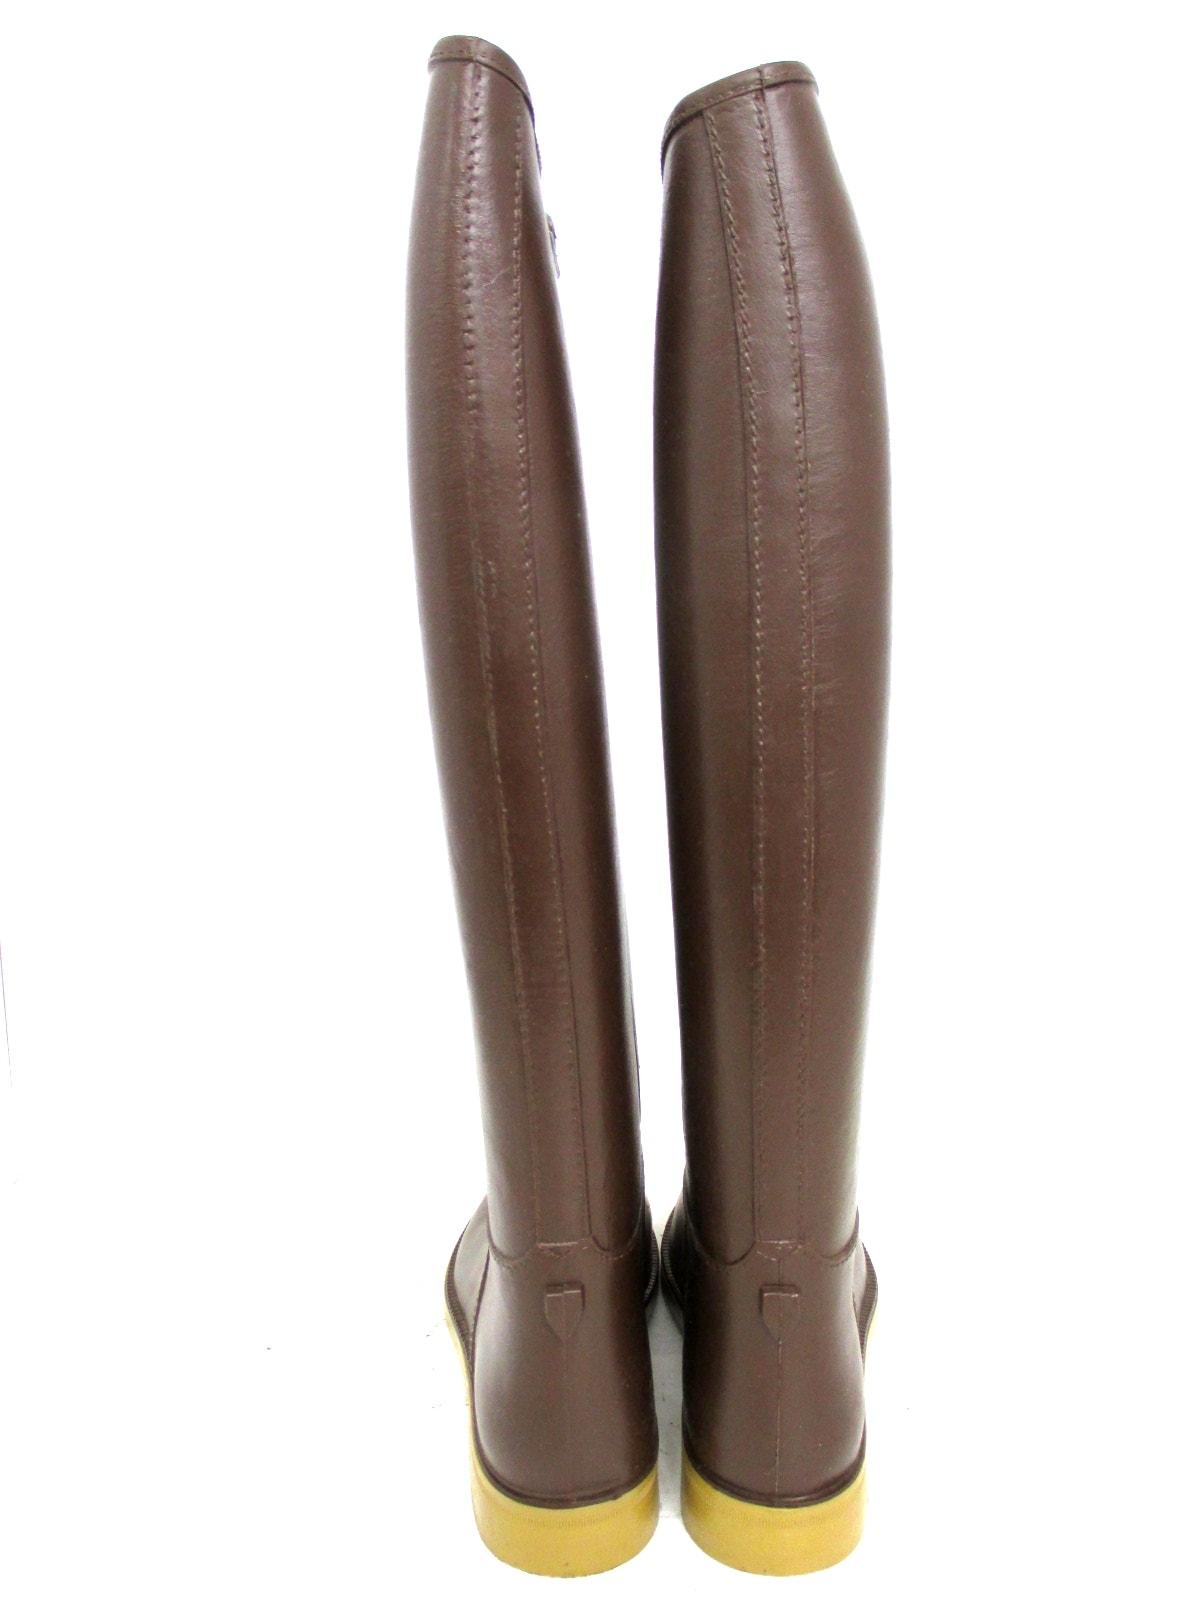 Dafna Boots(ダフナブーツ)のブーツ